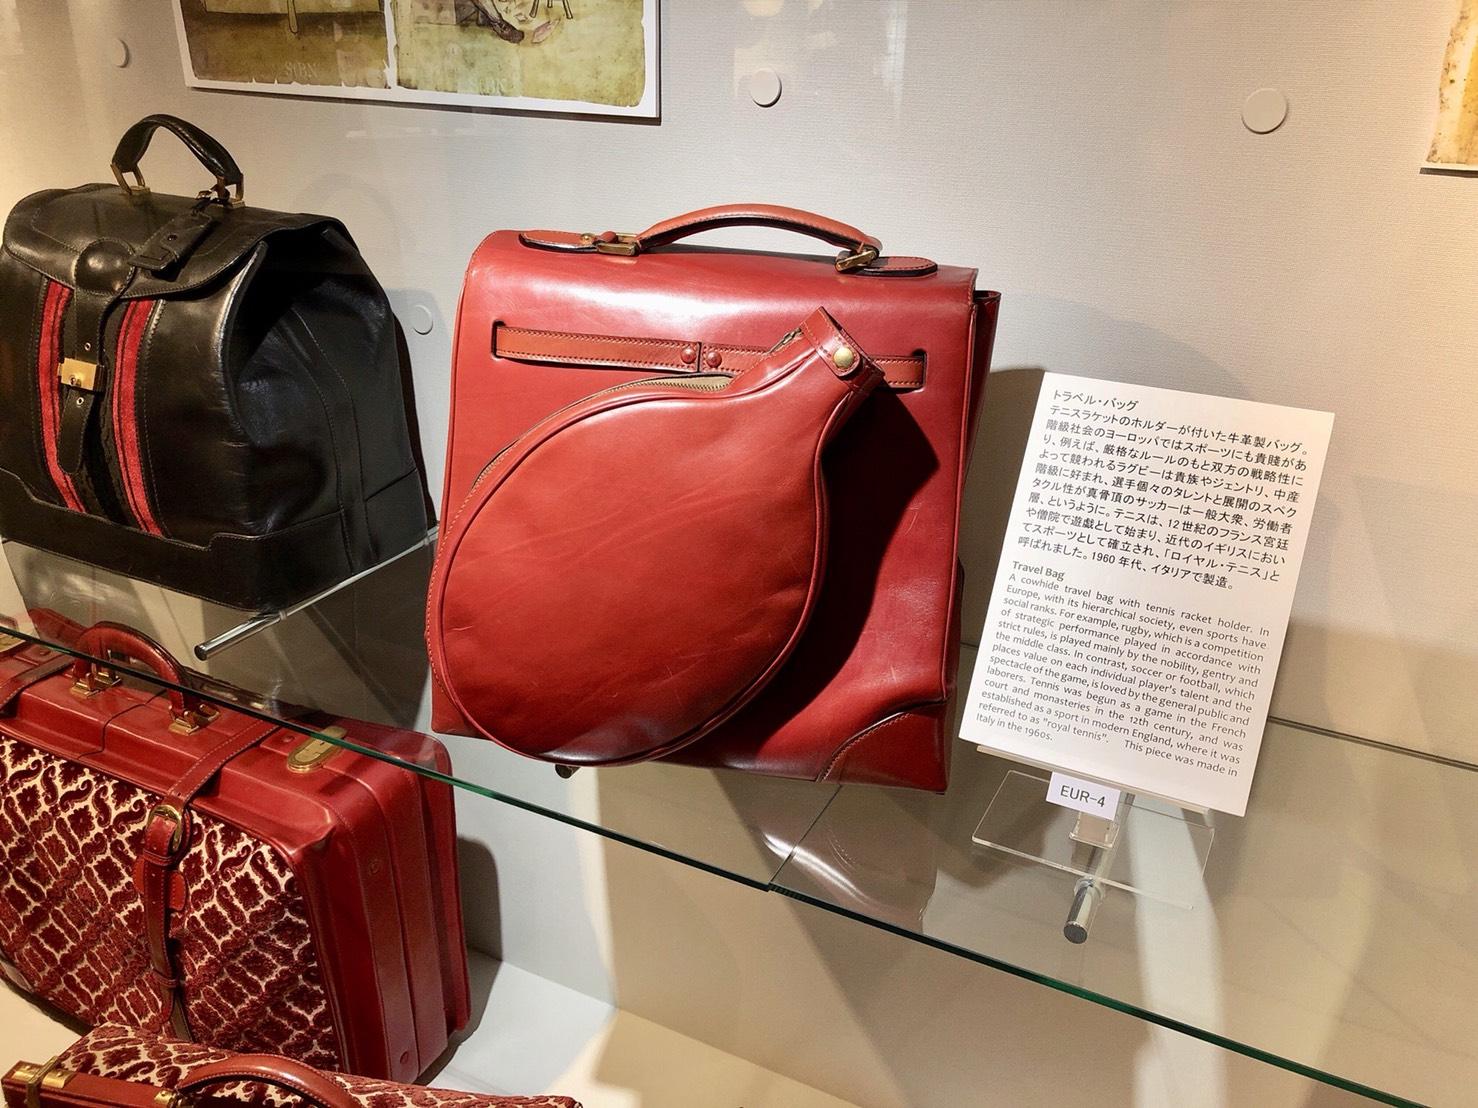 60年代イタリアのラケットホルダーのついた鞄